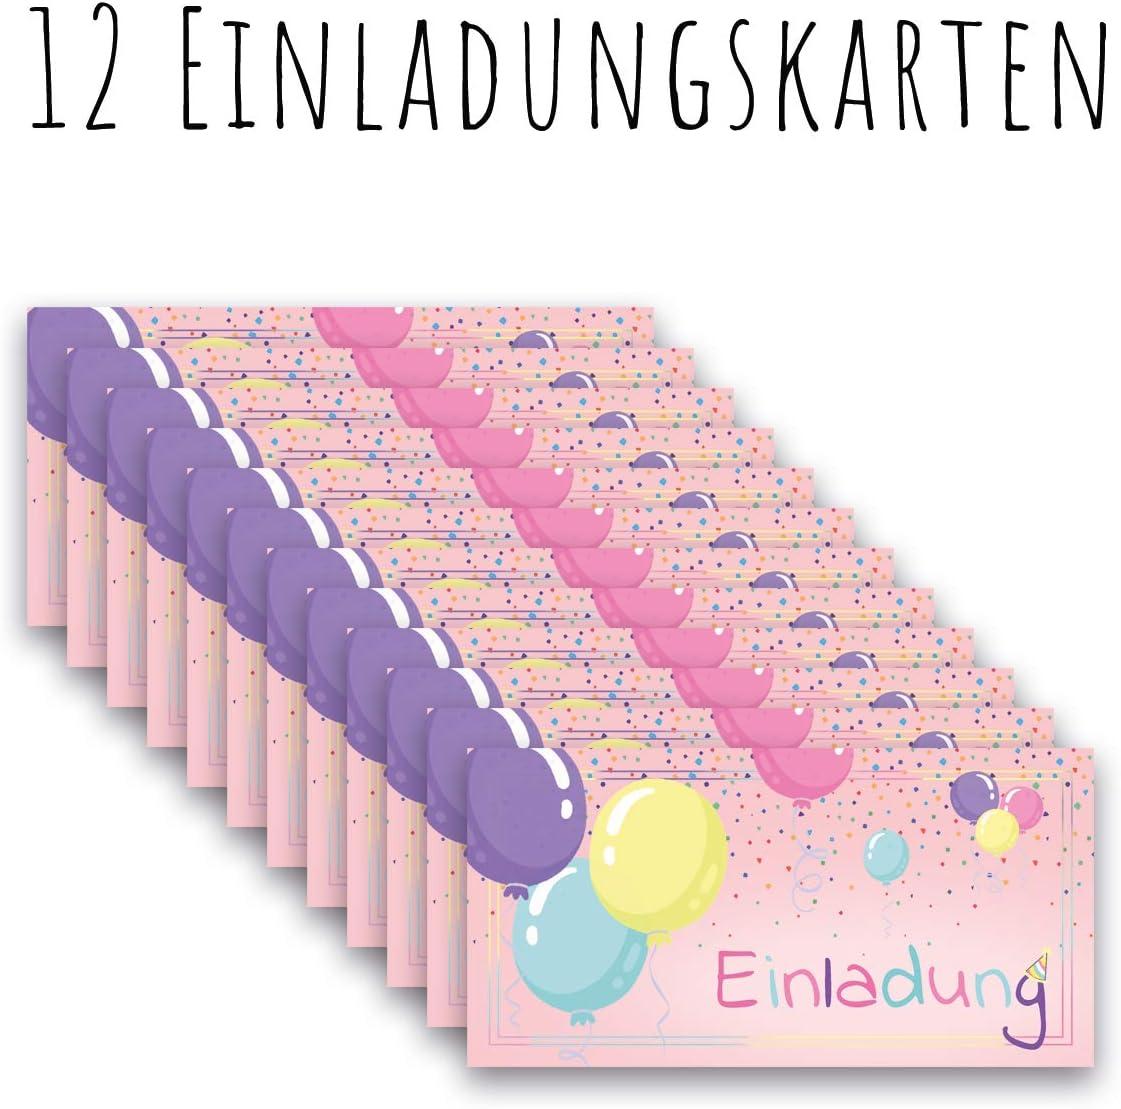 Kindergeburtstag Einladungen Kinder M/ädchen Jungen Geburtstag Karten Feier Party Ballons Any Age Art Luftballons 12 Einladungskarten 12 Einladungskarten